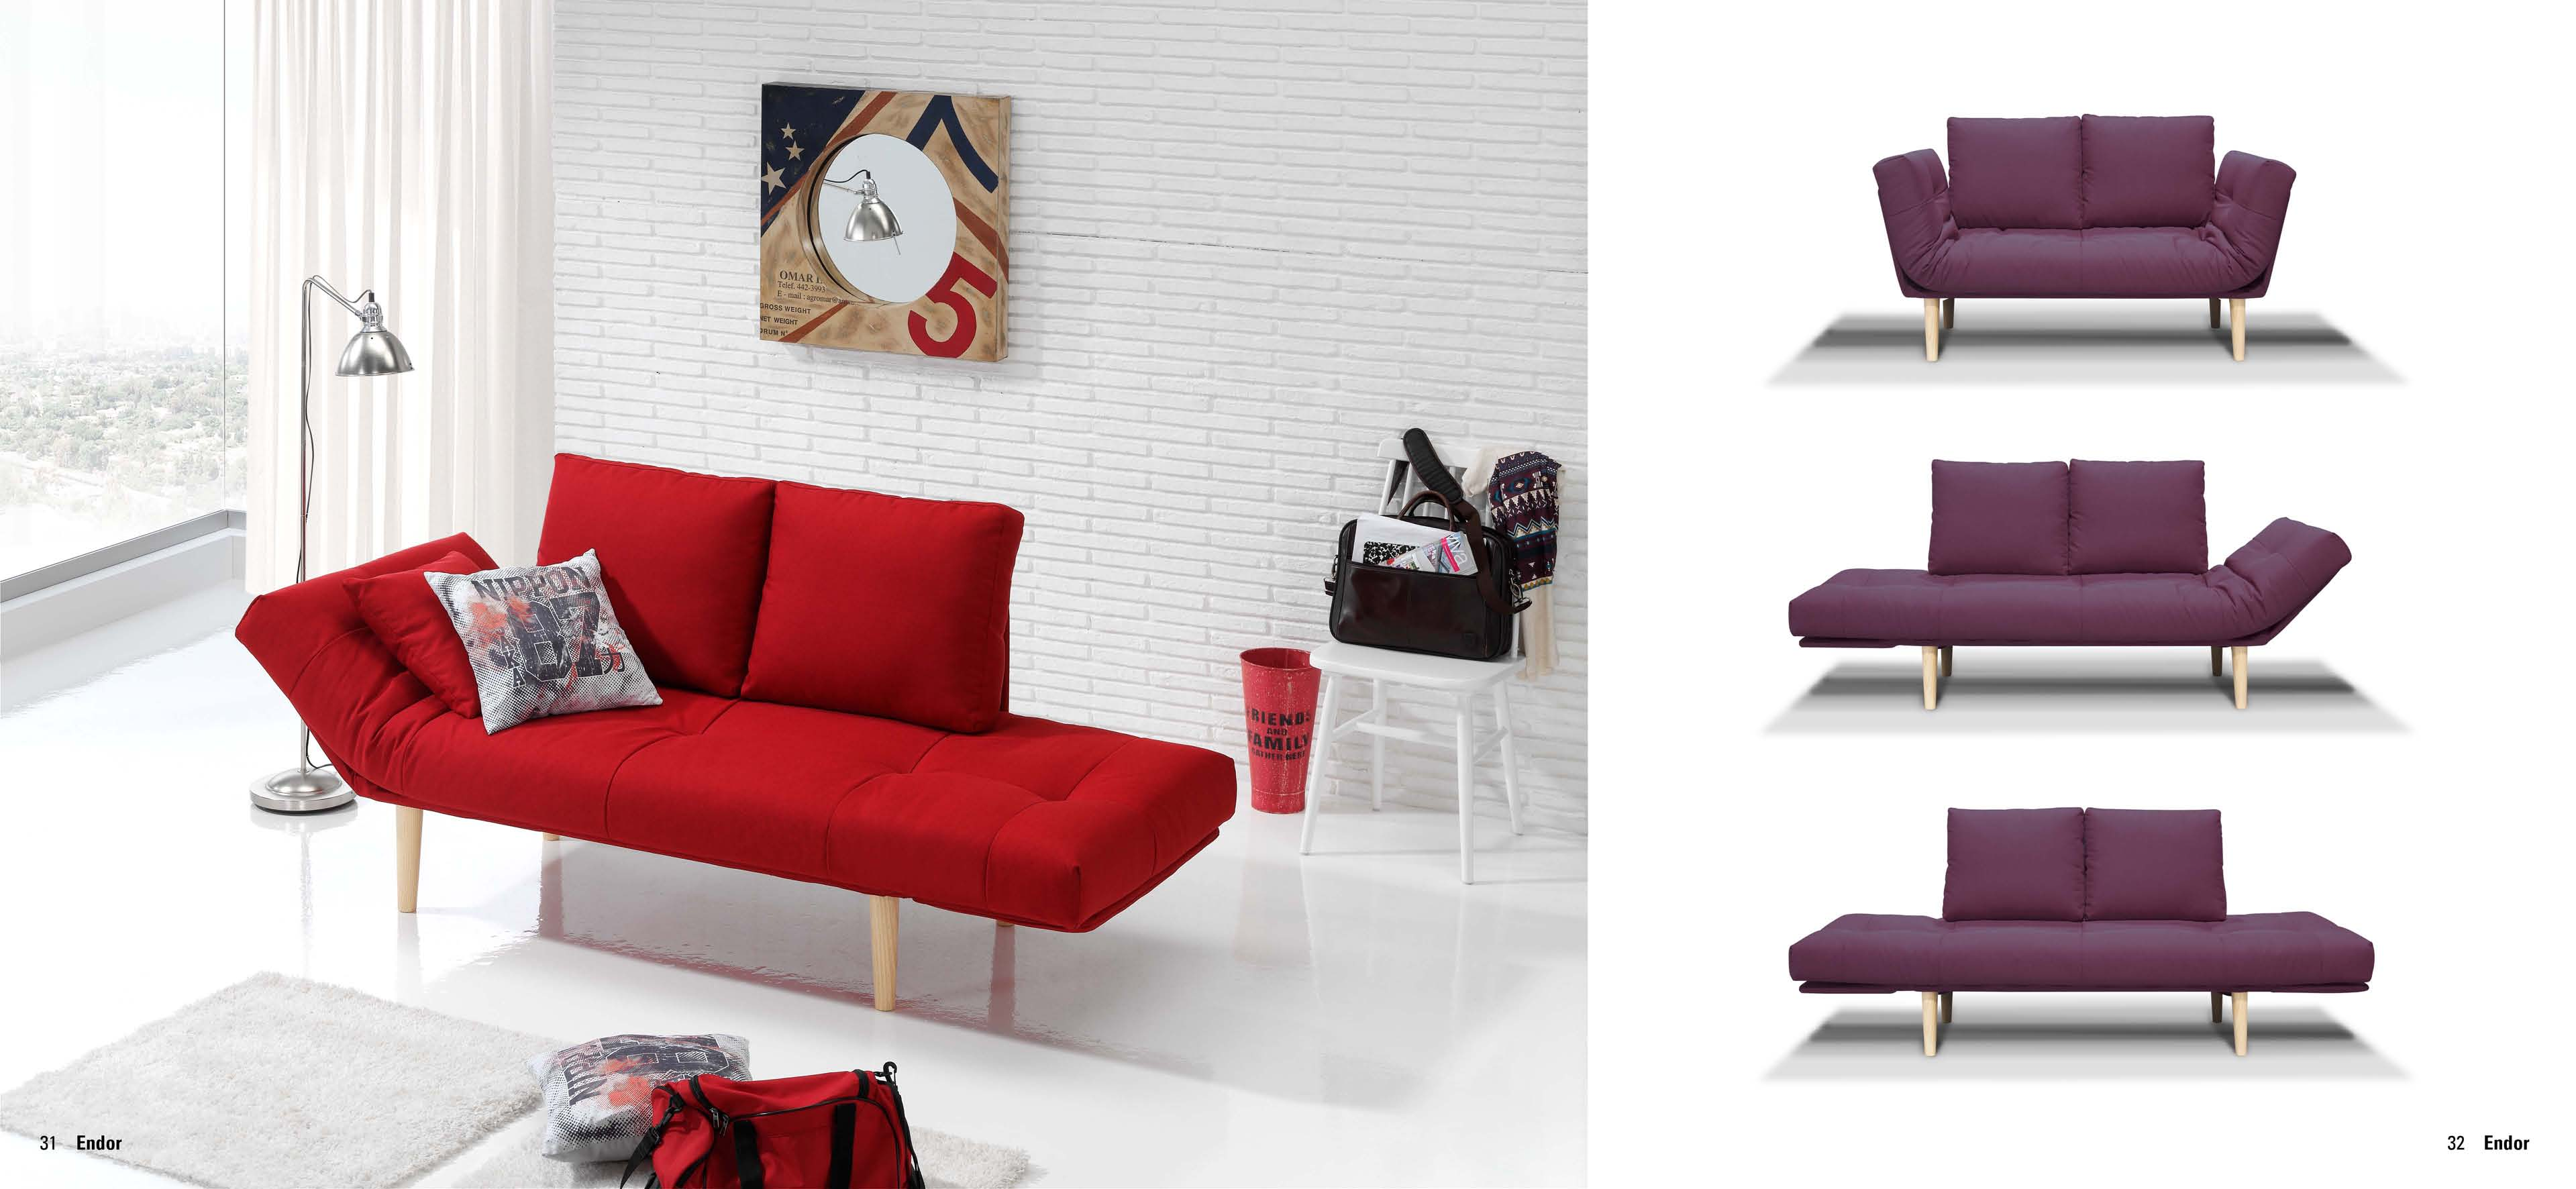 Sof cama estilo juvenil muebles adama tienda de muebles for Sofa cama colores